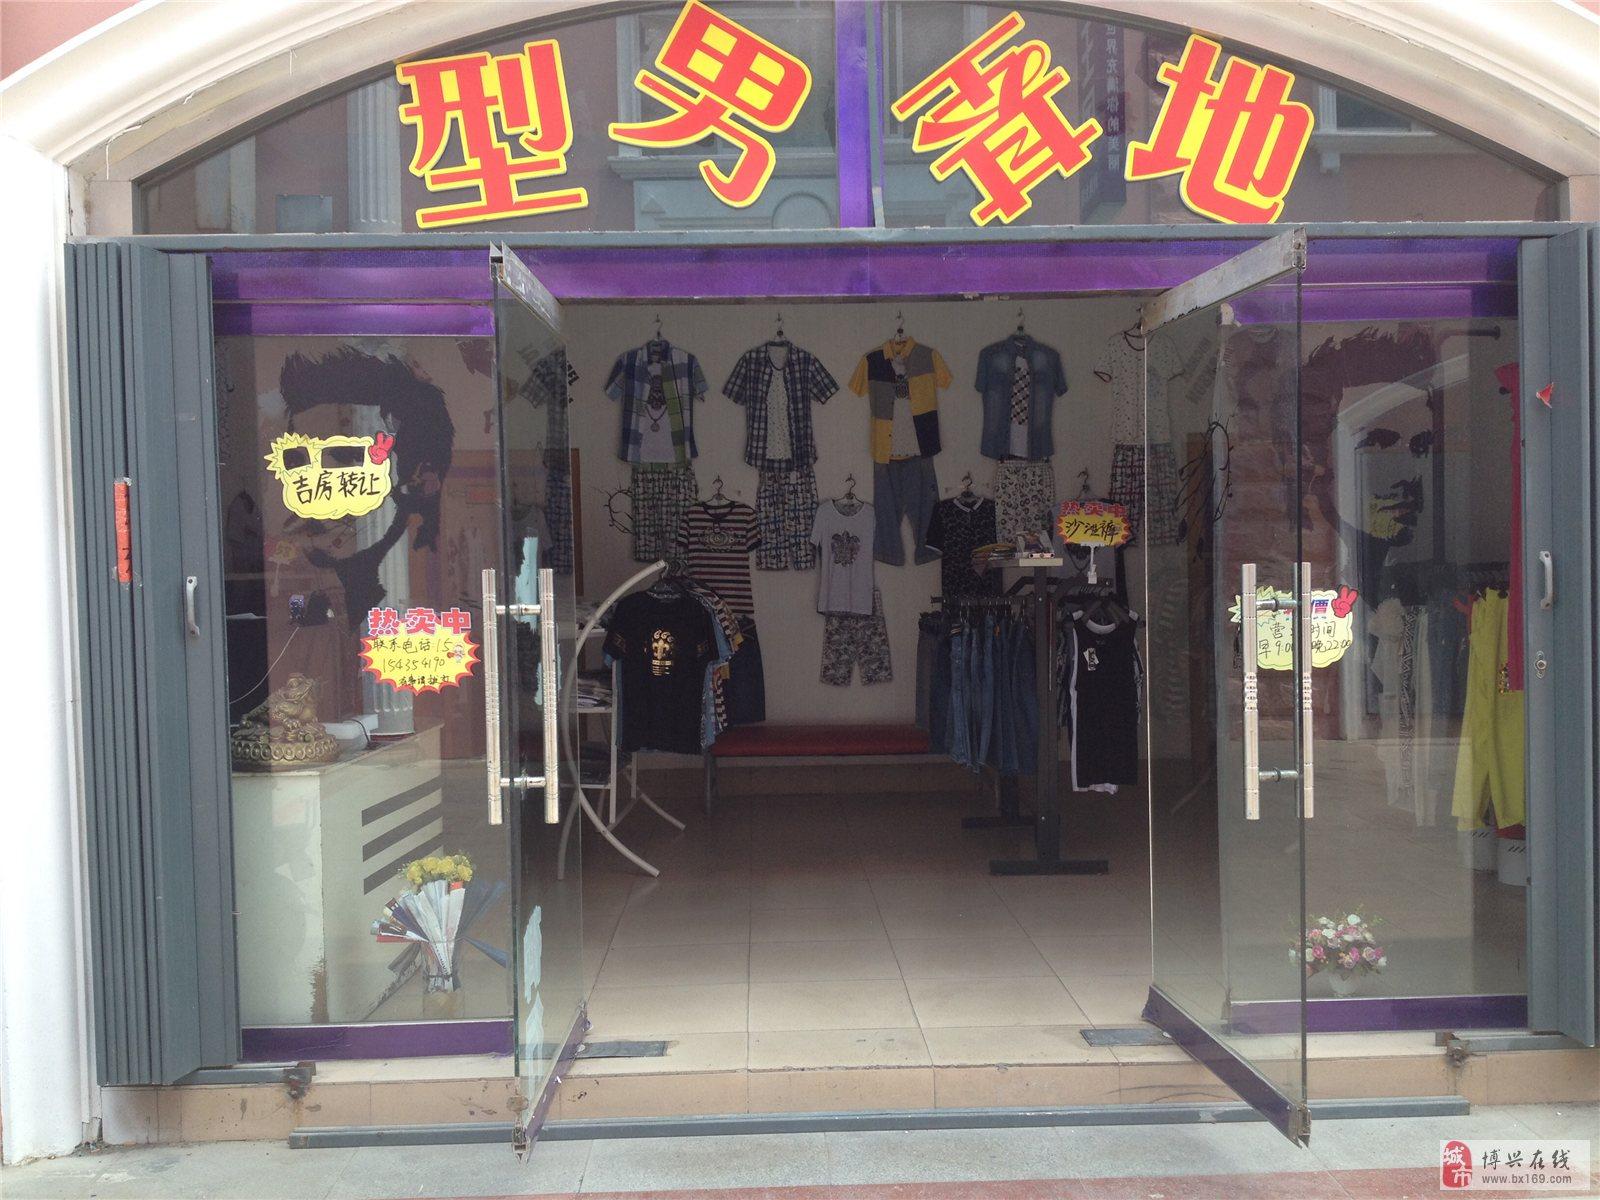 步行街/博兴老步行街(锦秋步行街)复式营业中男装店低价急转